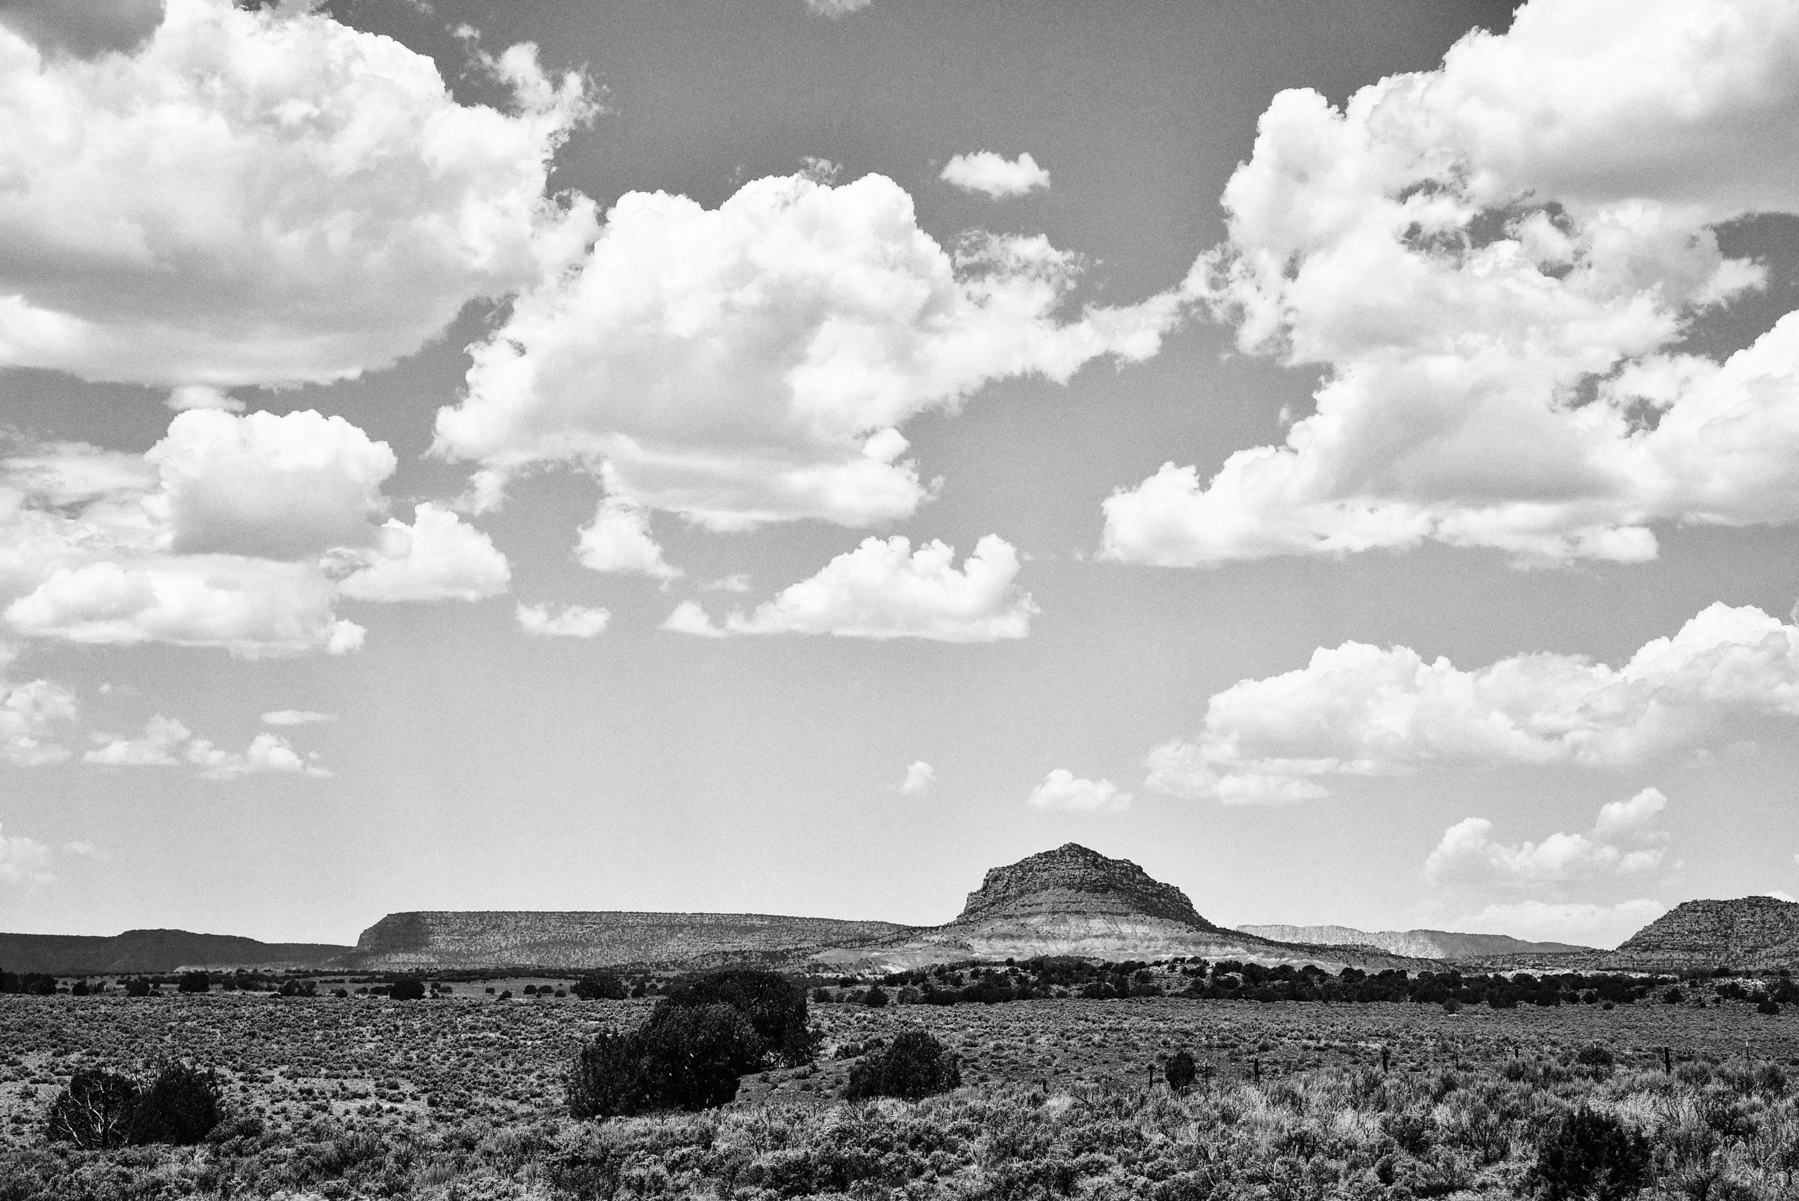 #clairesashine #photography #travel #roadtrip #freedom #USA #nomadlife